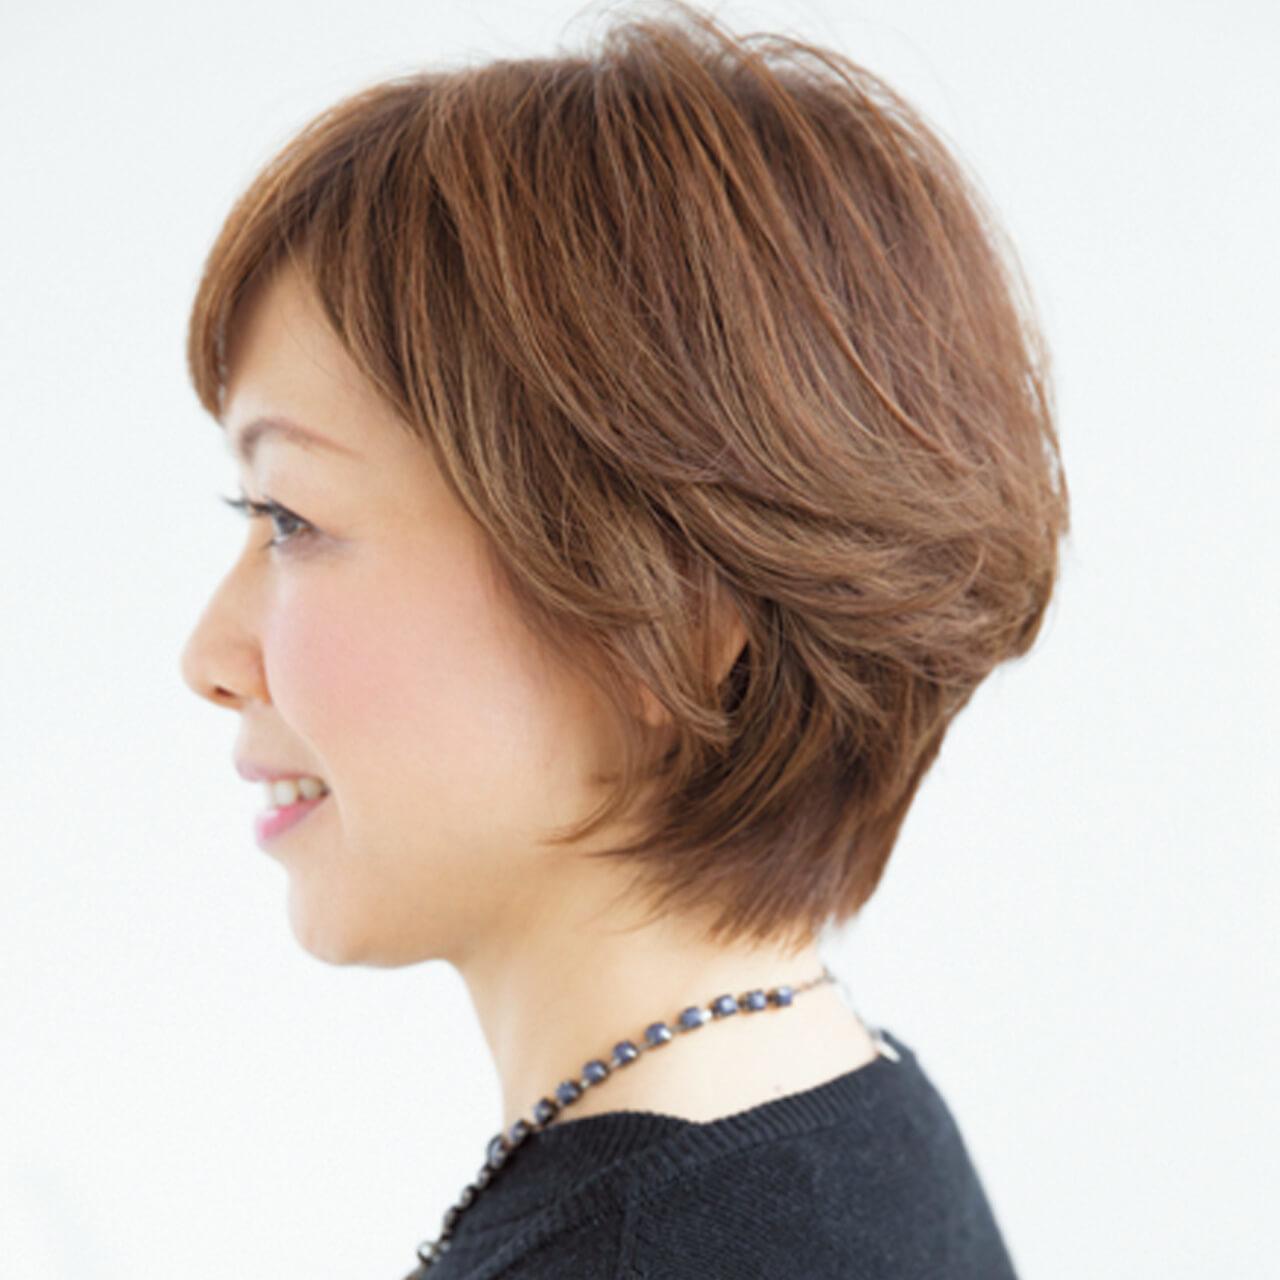 白髪があっても明るい色を楽しみたい!カラーリングとレイヤーで立体ショートに【40代のショートヘア】_1_2